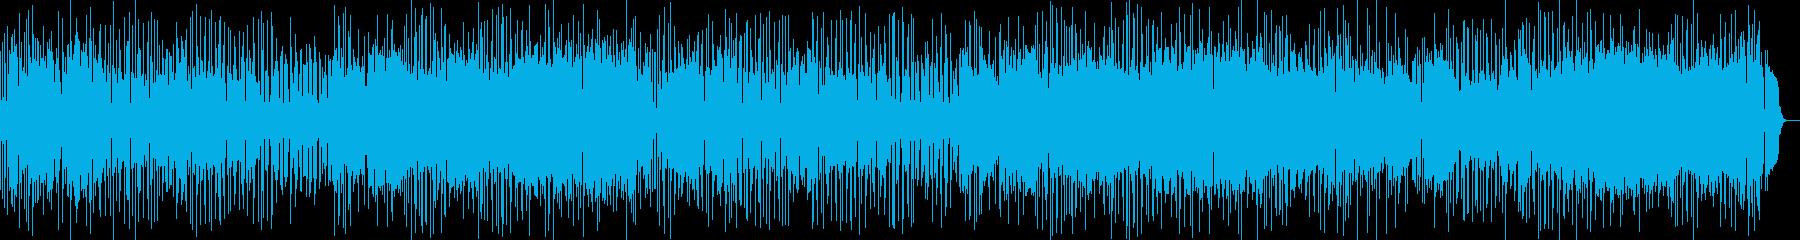 昭和アイドル風の明るく元気なポップス曲の再生済みの波形